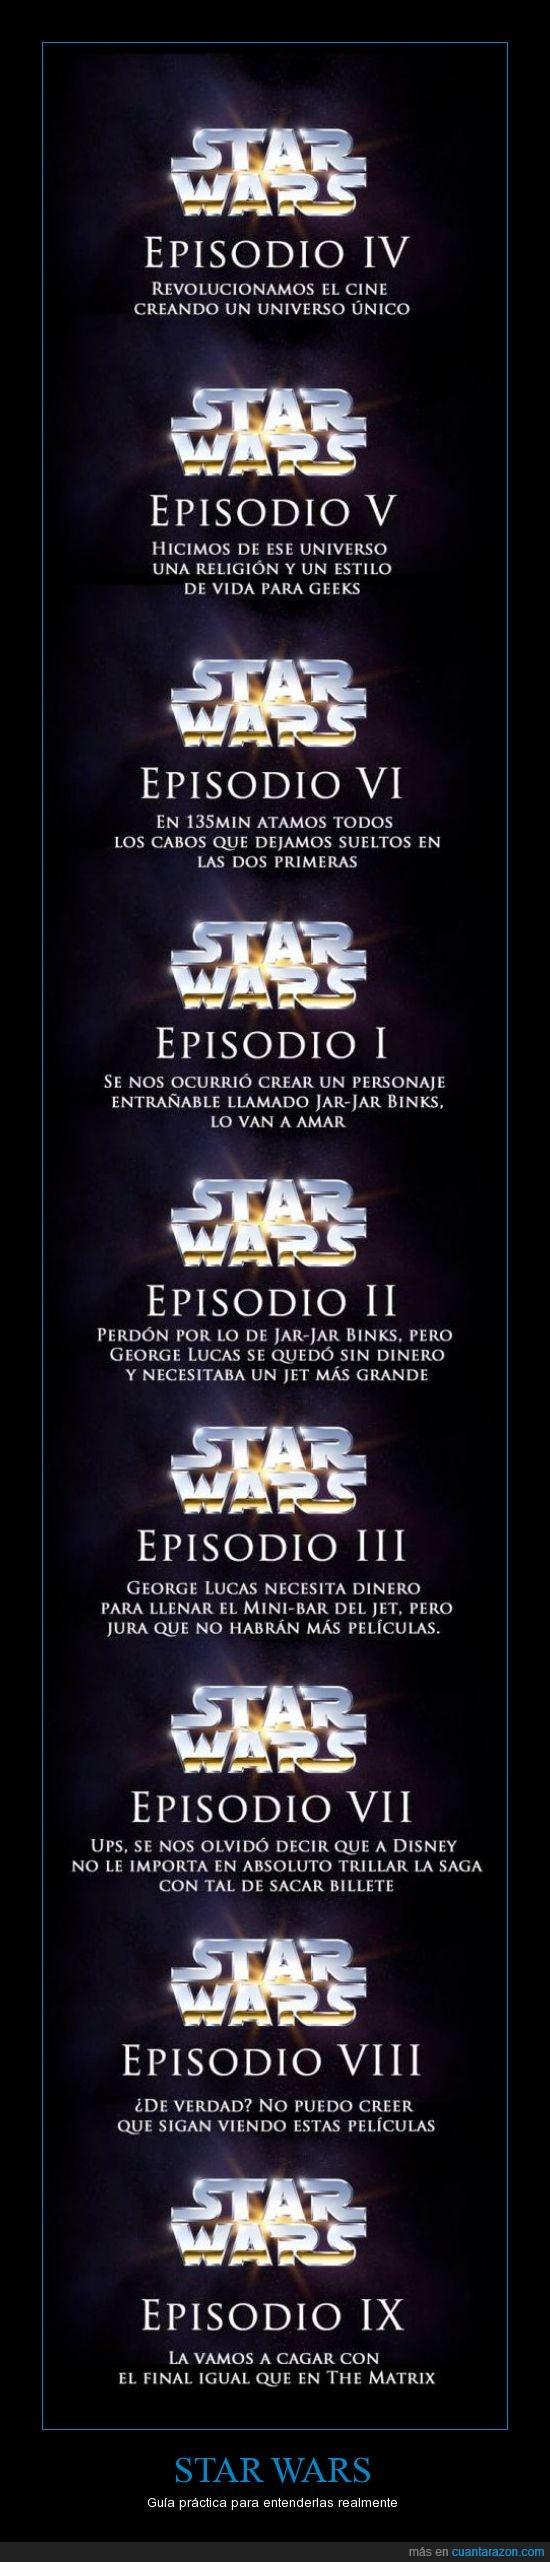 cagar,disney,episodio,guerra de las galaxias,lucasfilm,nombre,real,revolucion,star wars,titulo